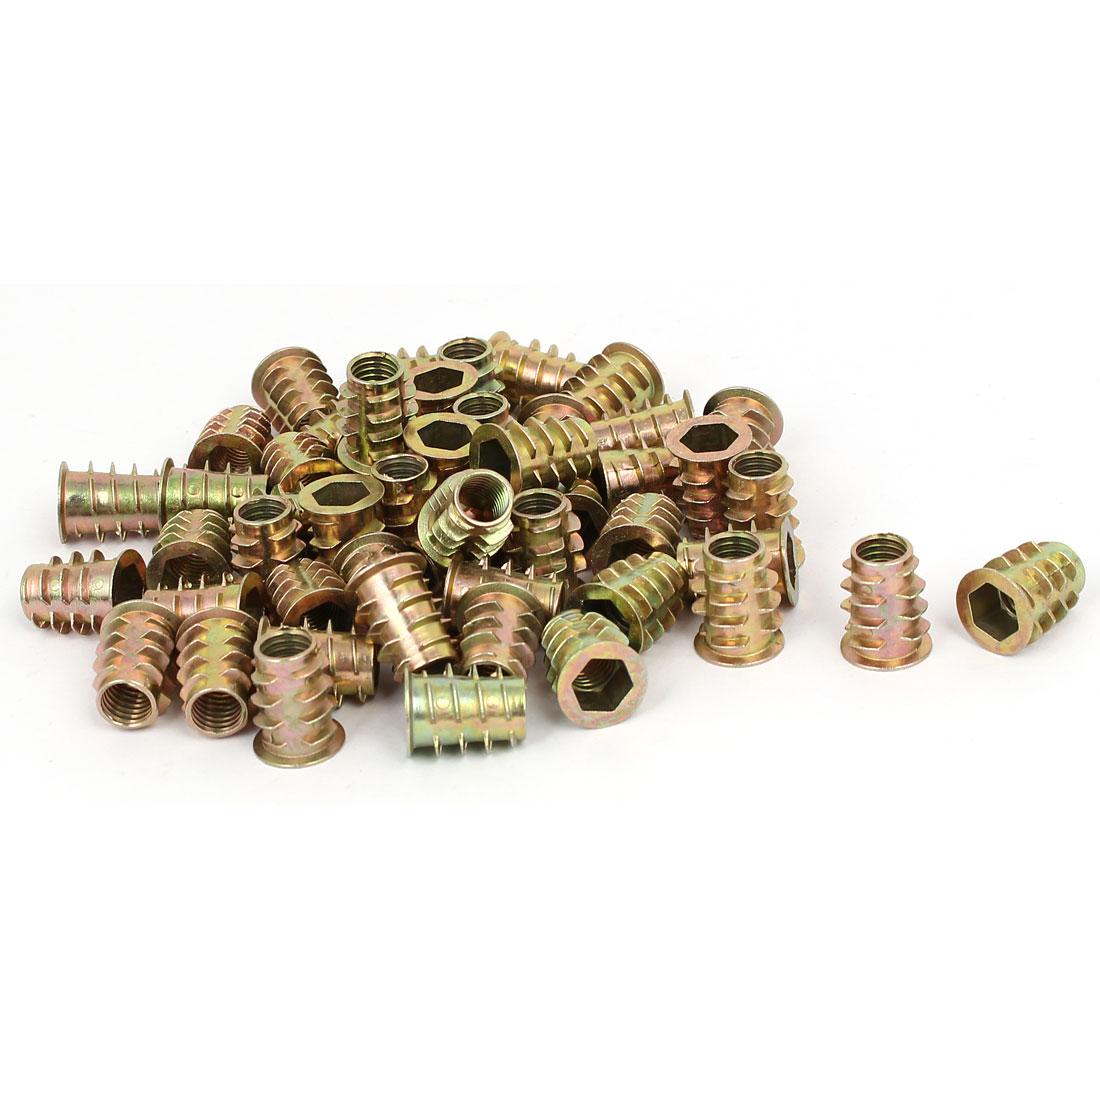 M8 x 18mm Hex Socket Head Insert Screws E-Nuts Furniture Fittings 50pcs